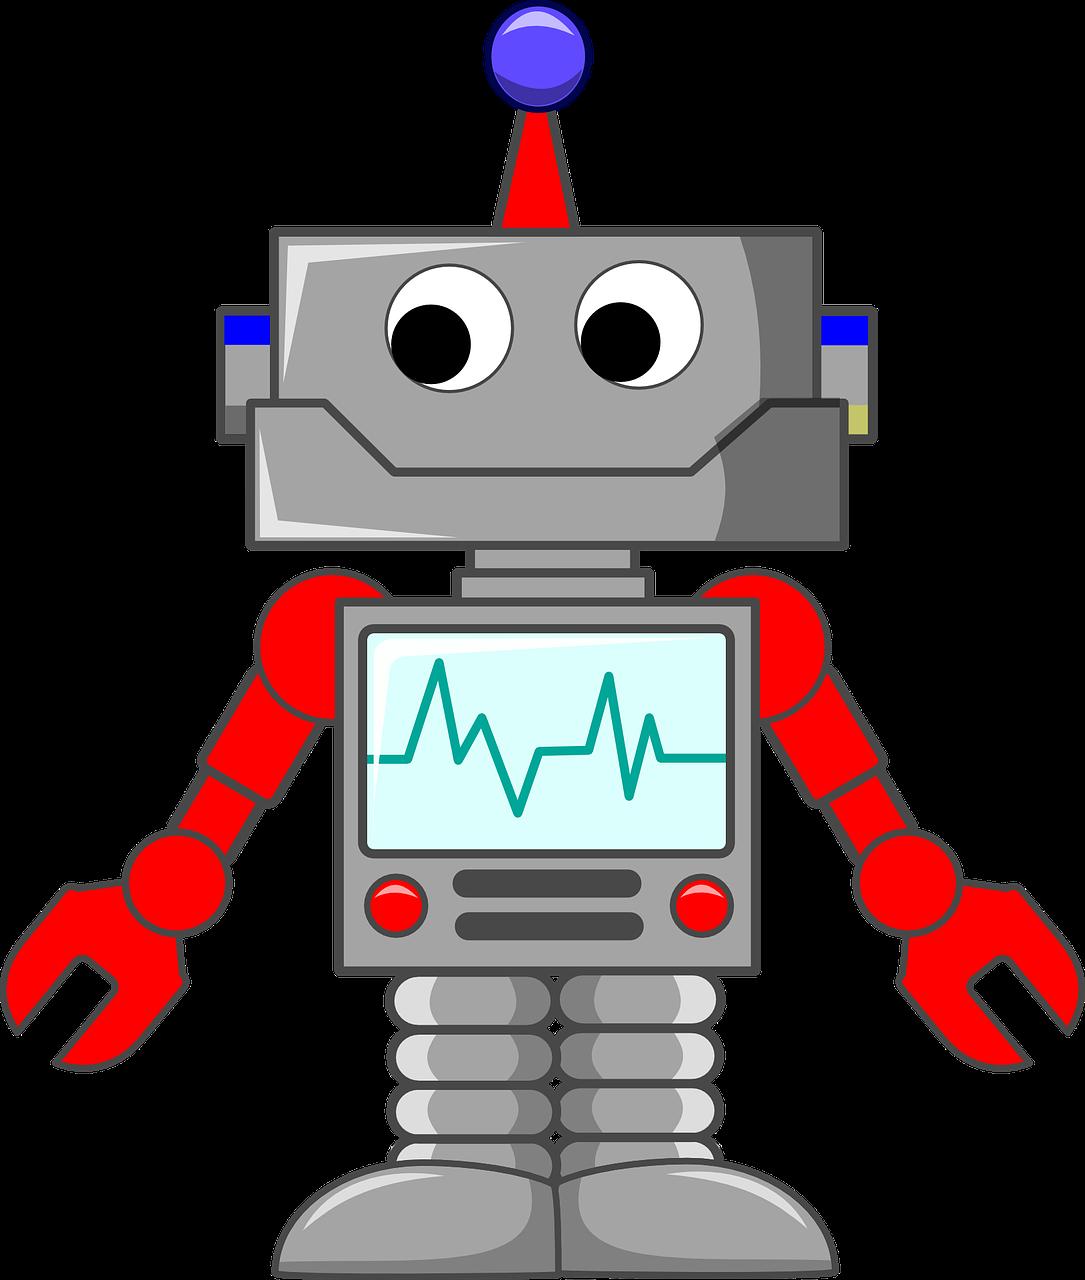 Actividades extraescolares formativas. Programación y robótica